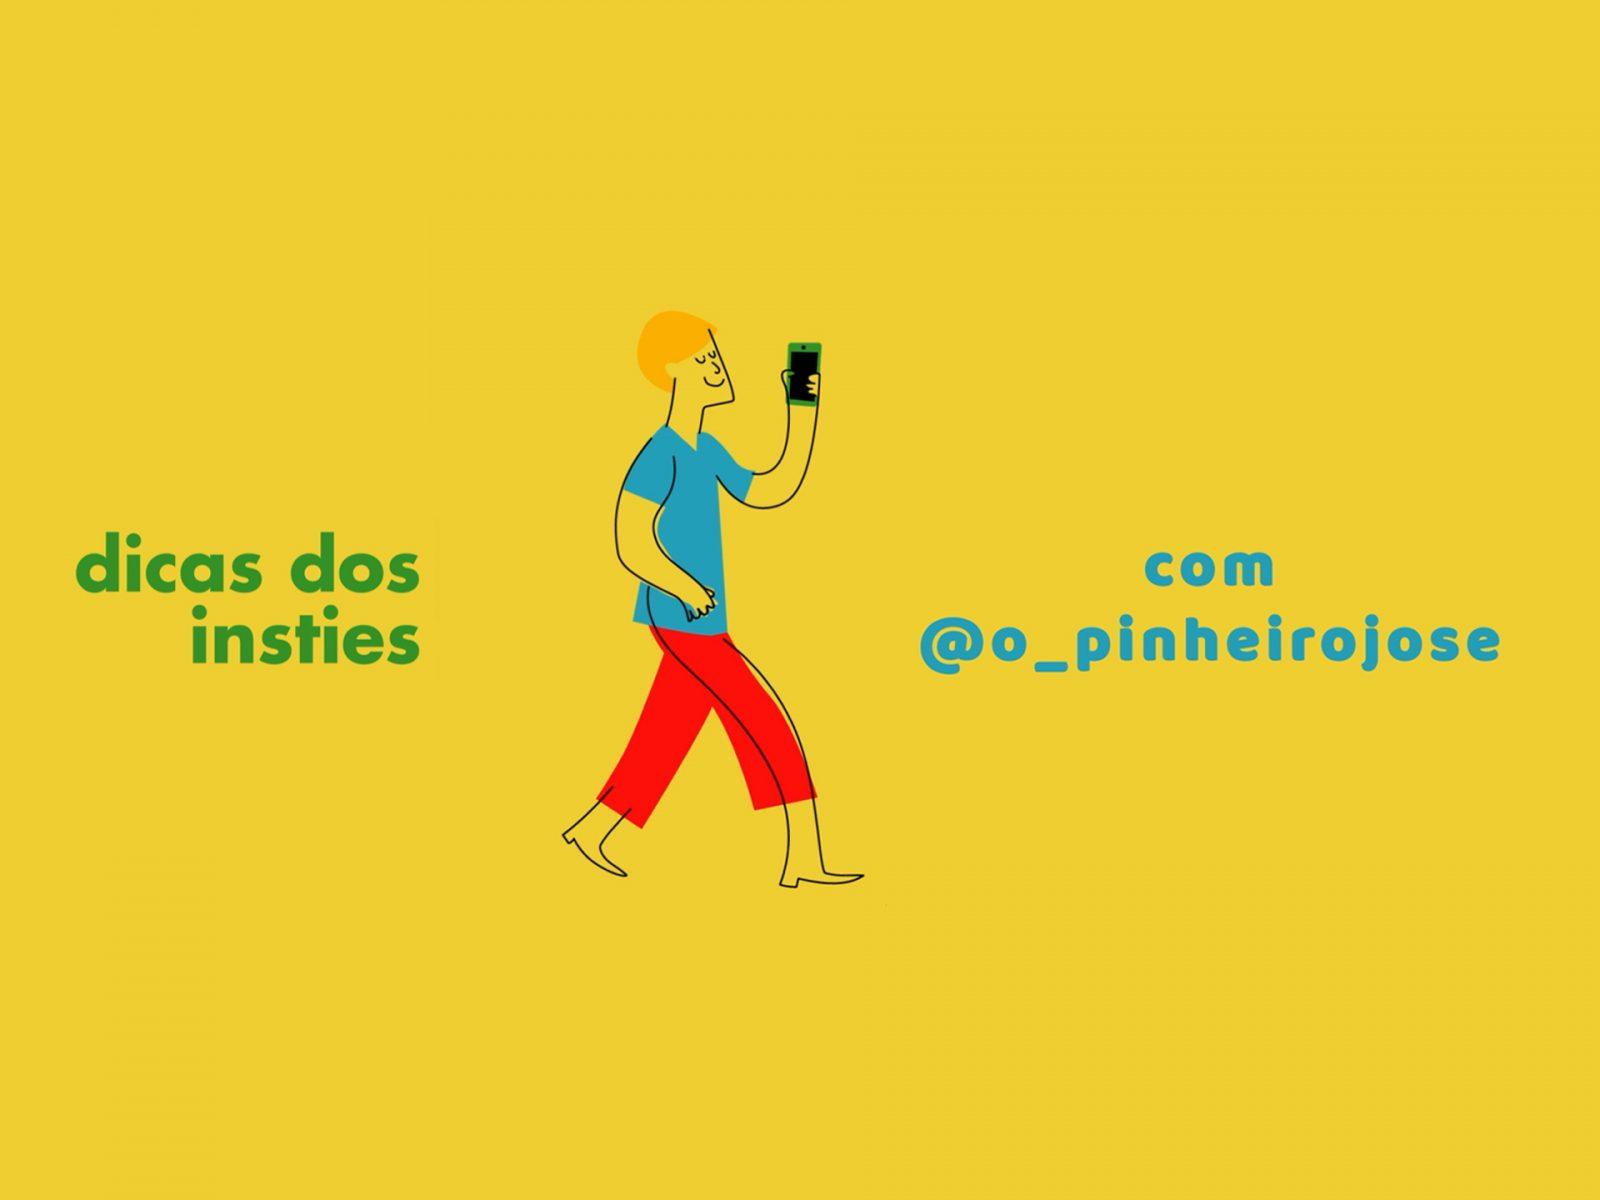 Dicas_Insties_o_pinheirojose